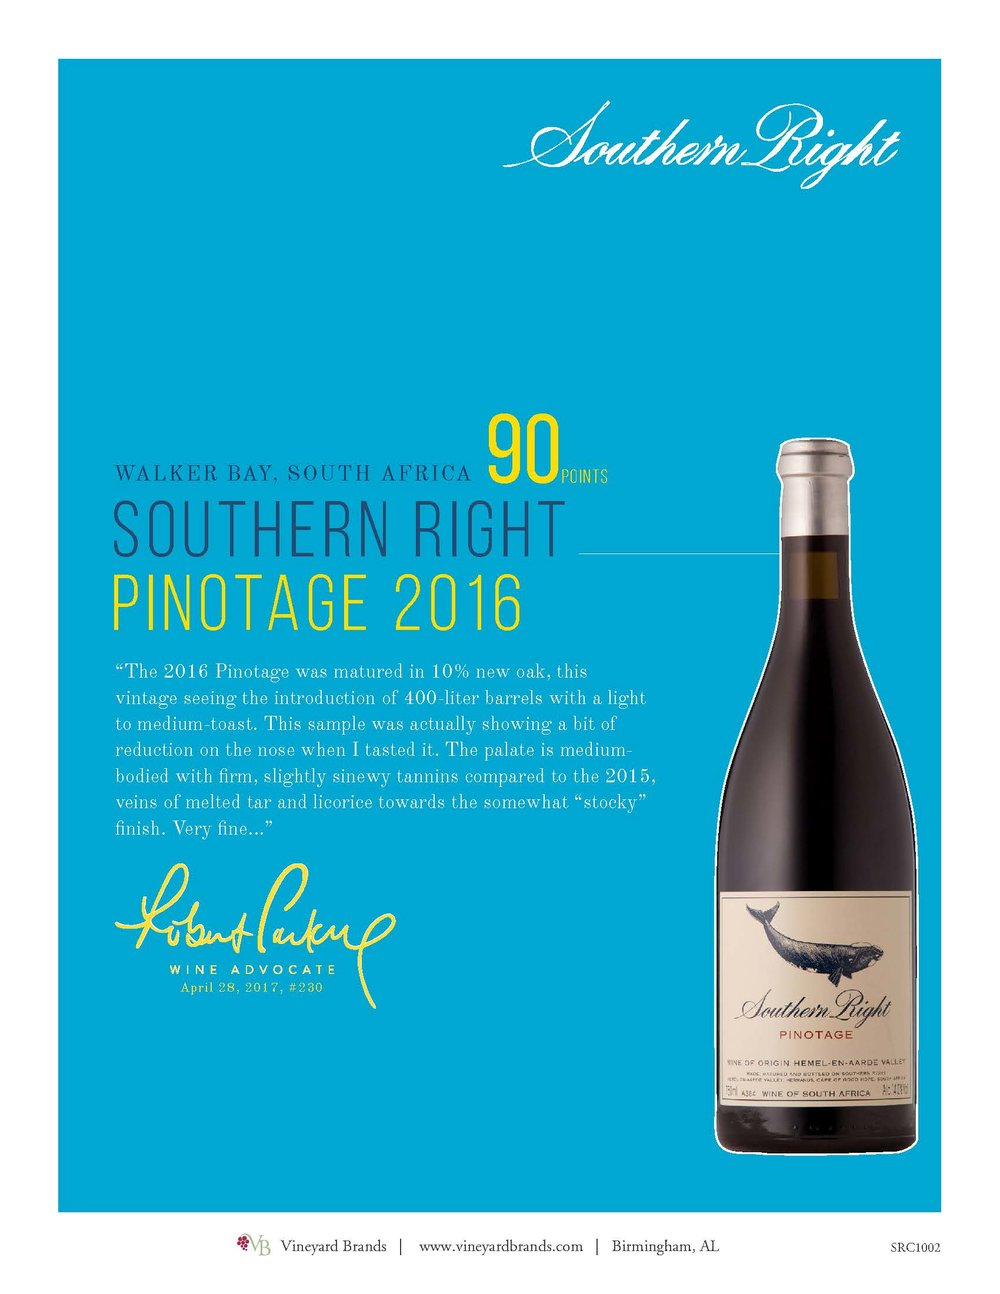 SouthernRightPinotage2016.jpg